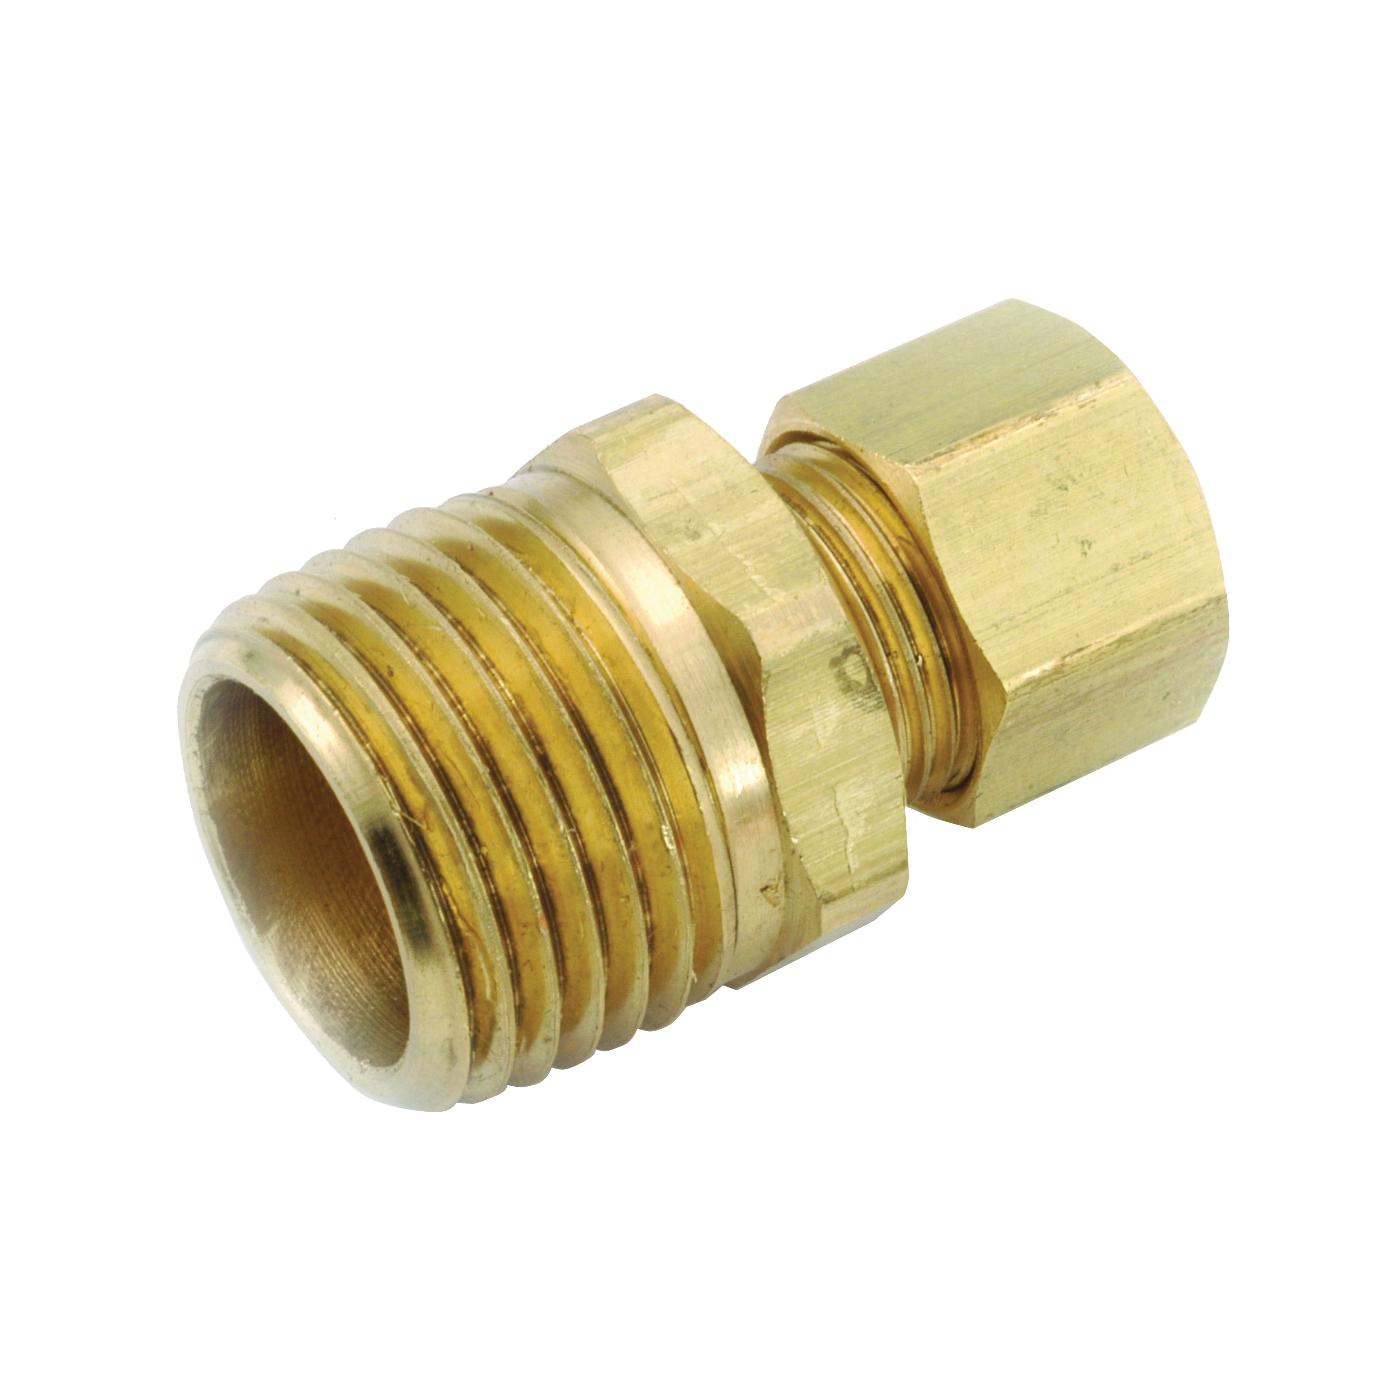 Anderson Metals 750068-0608